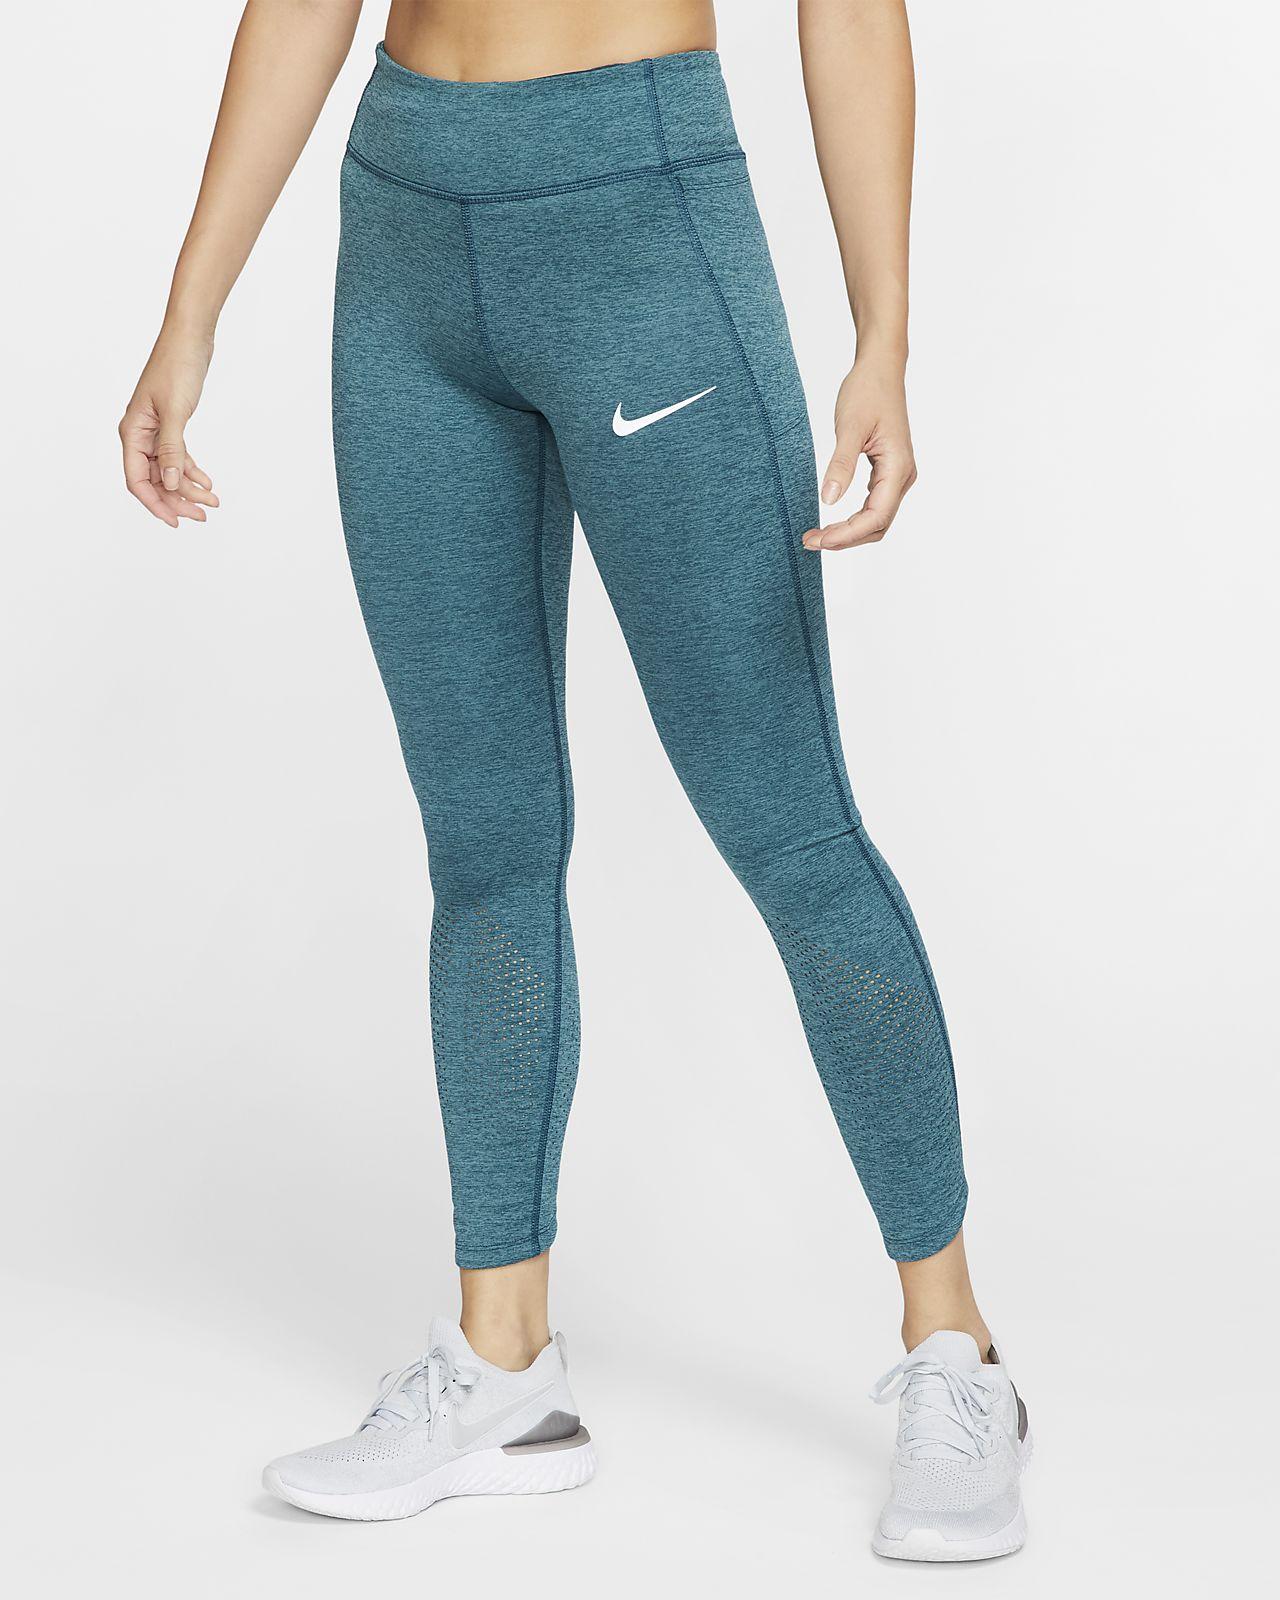 Löpartights Nike Epic Luxe för kvinnor